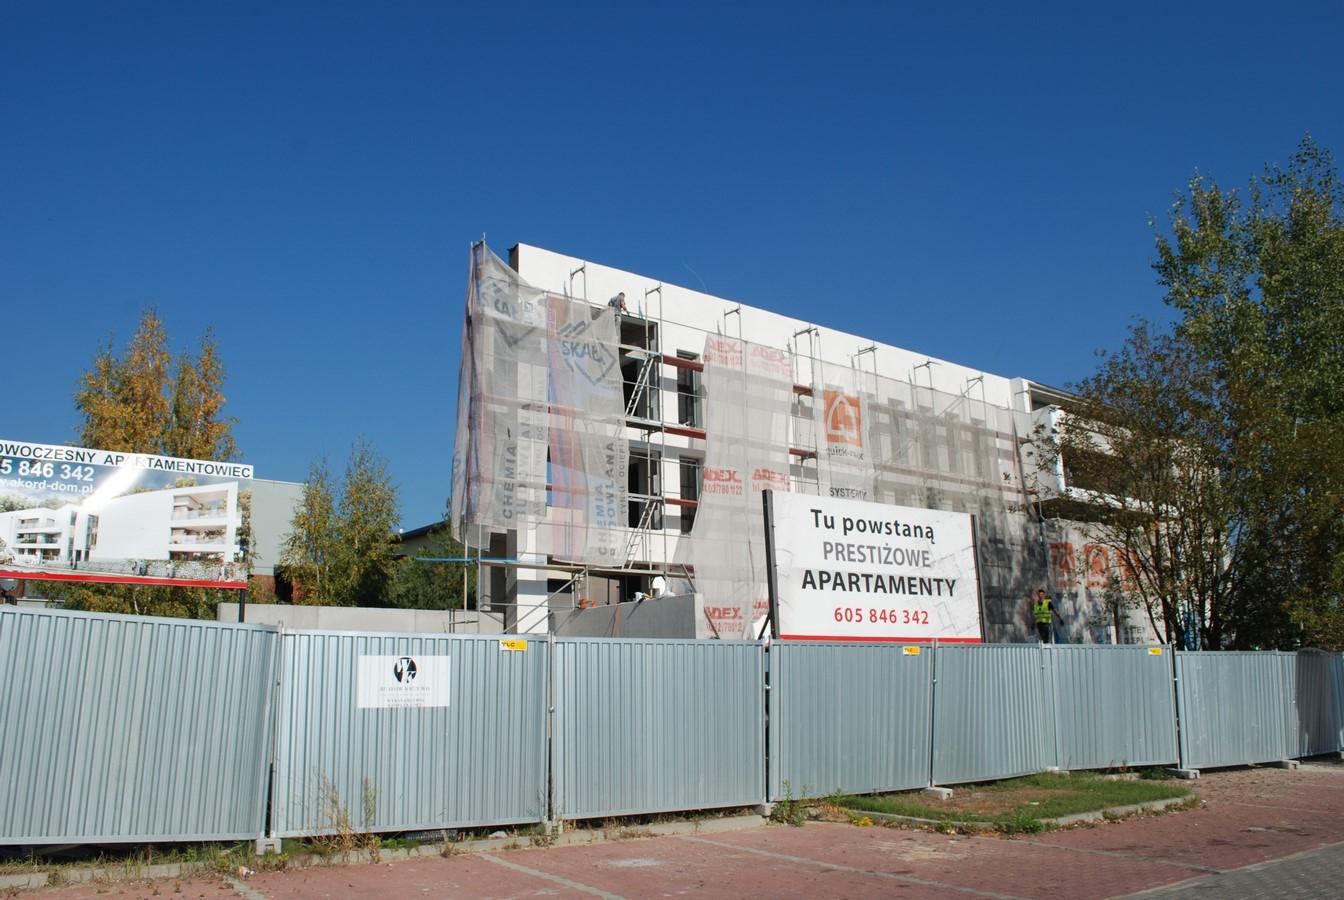 Apartamenty Kameralne Tychy ul. Żorska -zjęcie z budowy 10.10.18